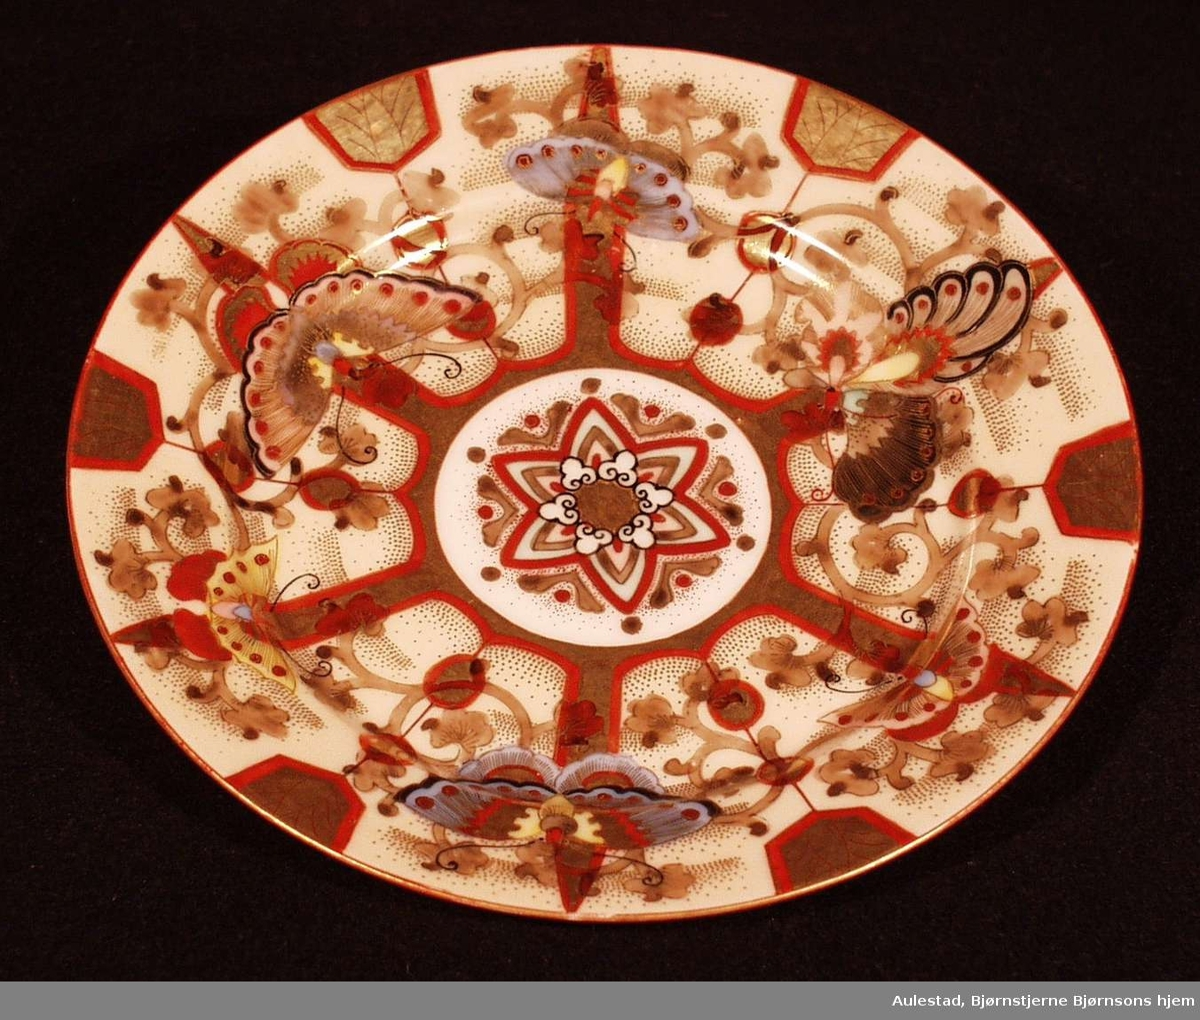 Trolig kinesisk. Polykrom dekor, stjerne i midten på lys bunn.